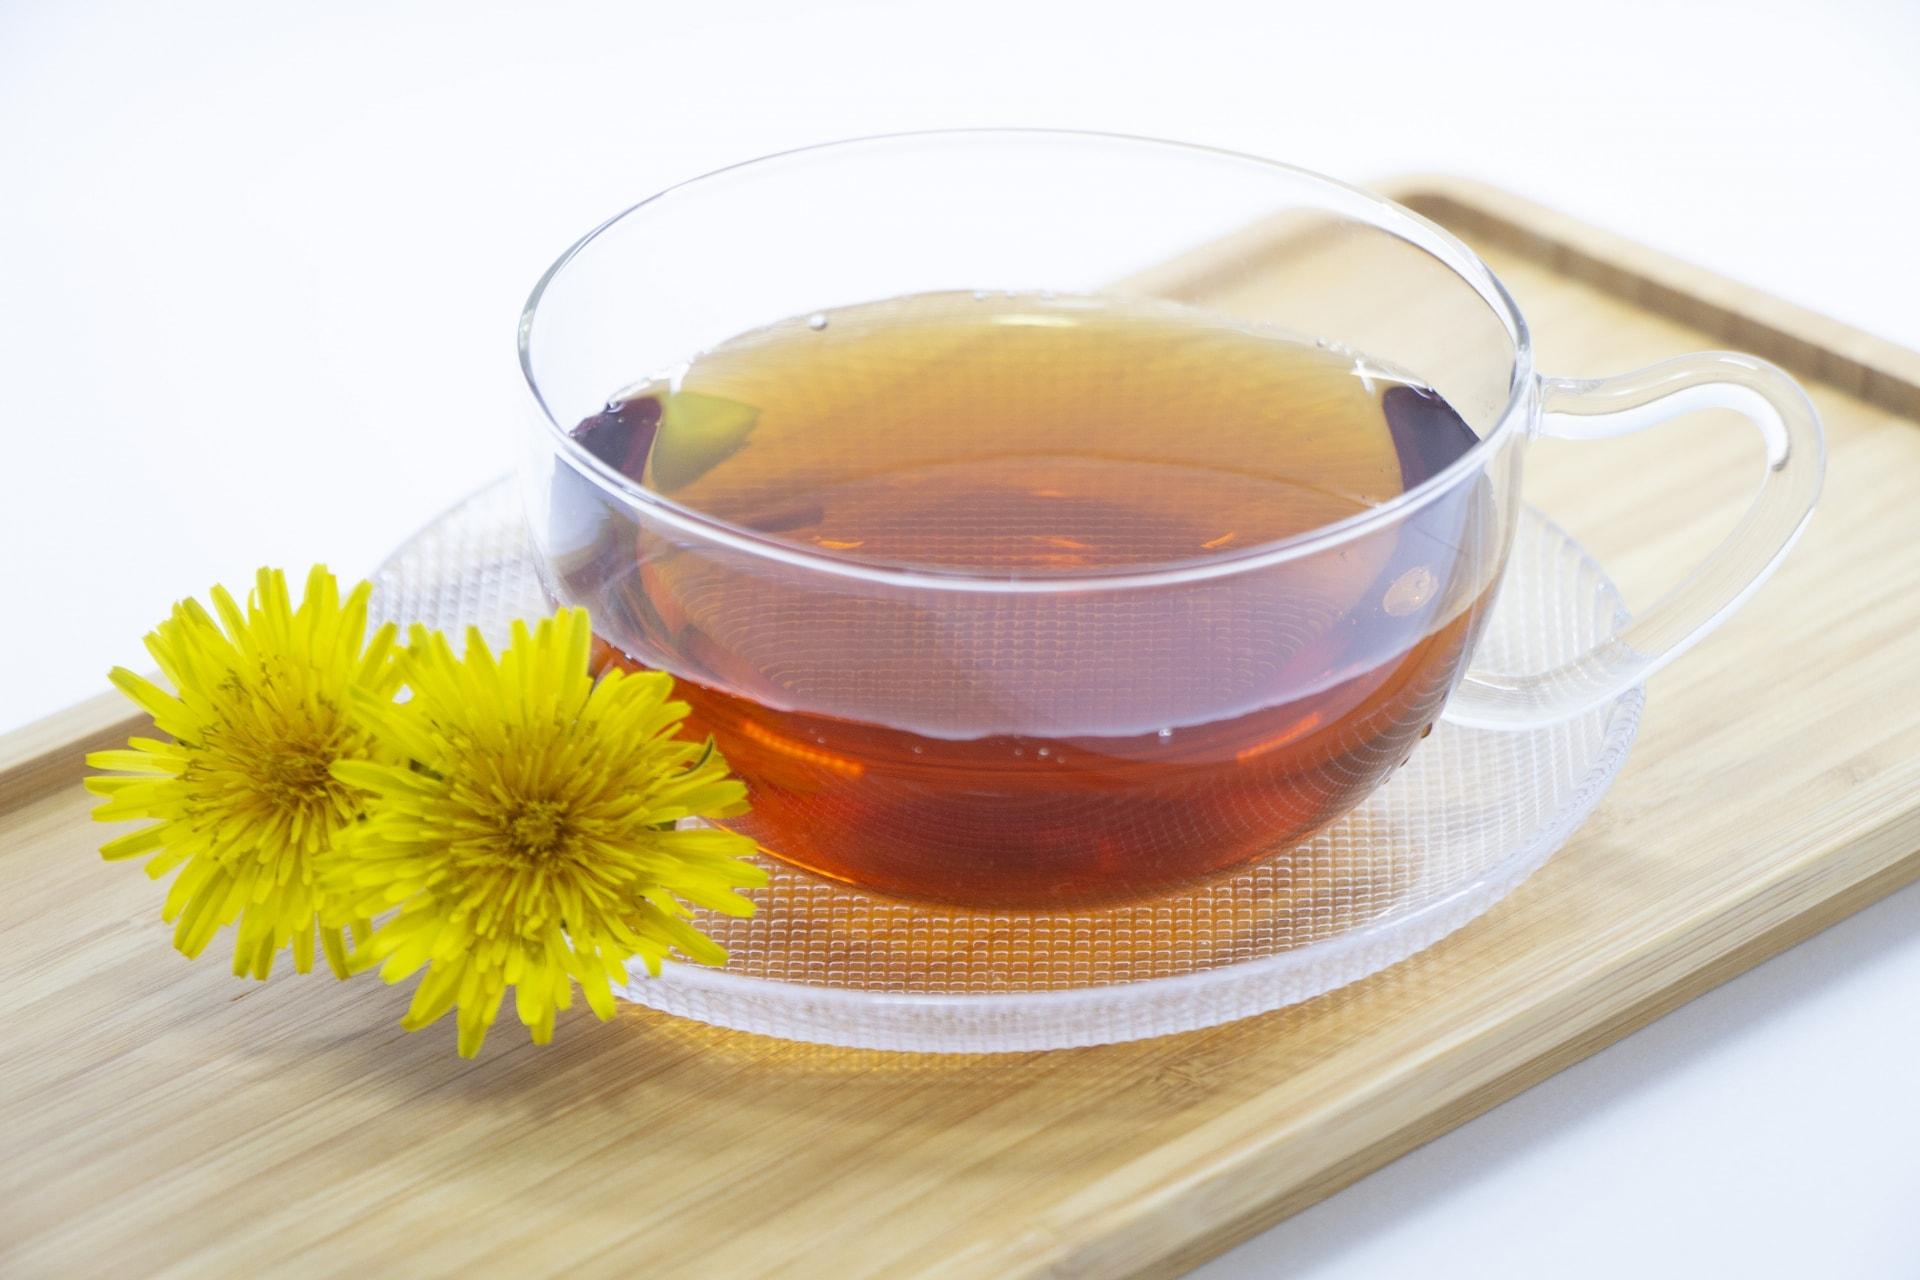 【妊活サプリ】たんぽぽ茶の副作用ってあるの?